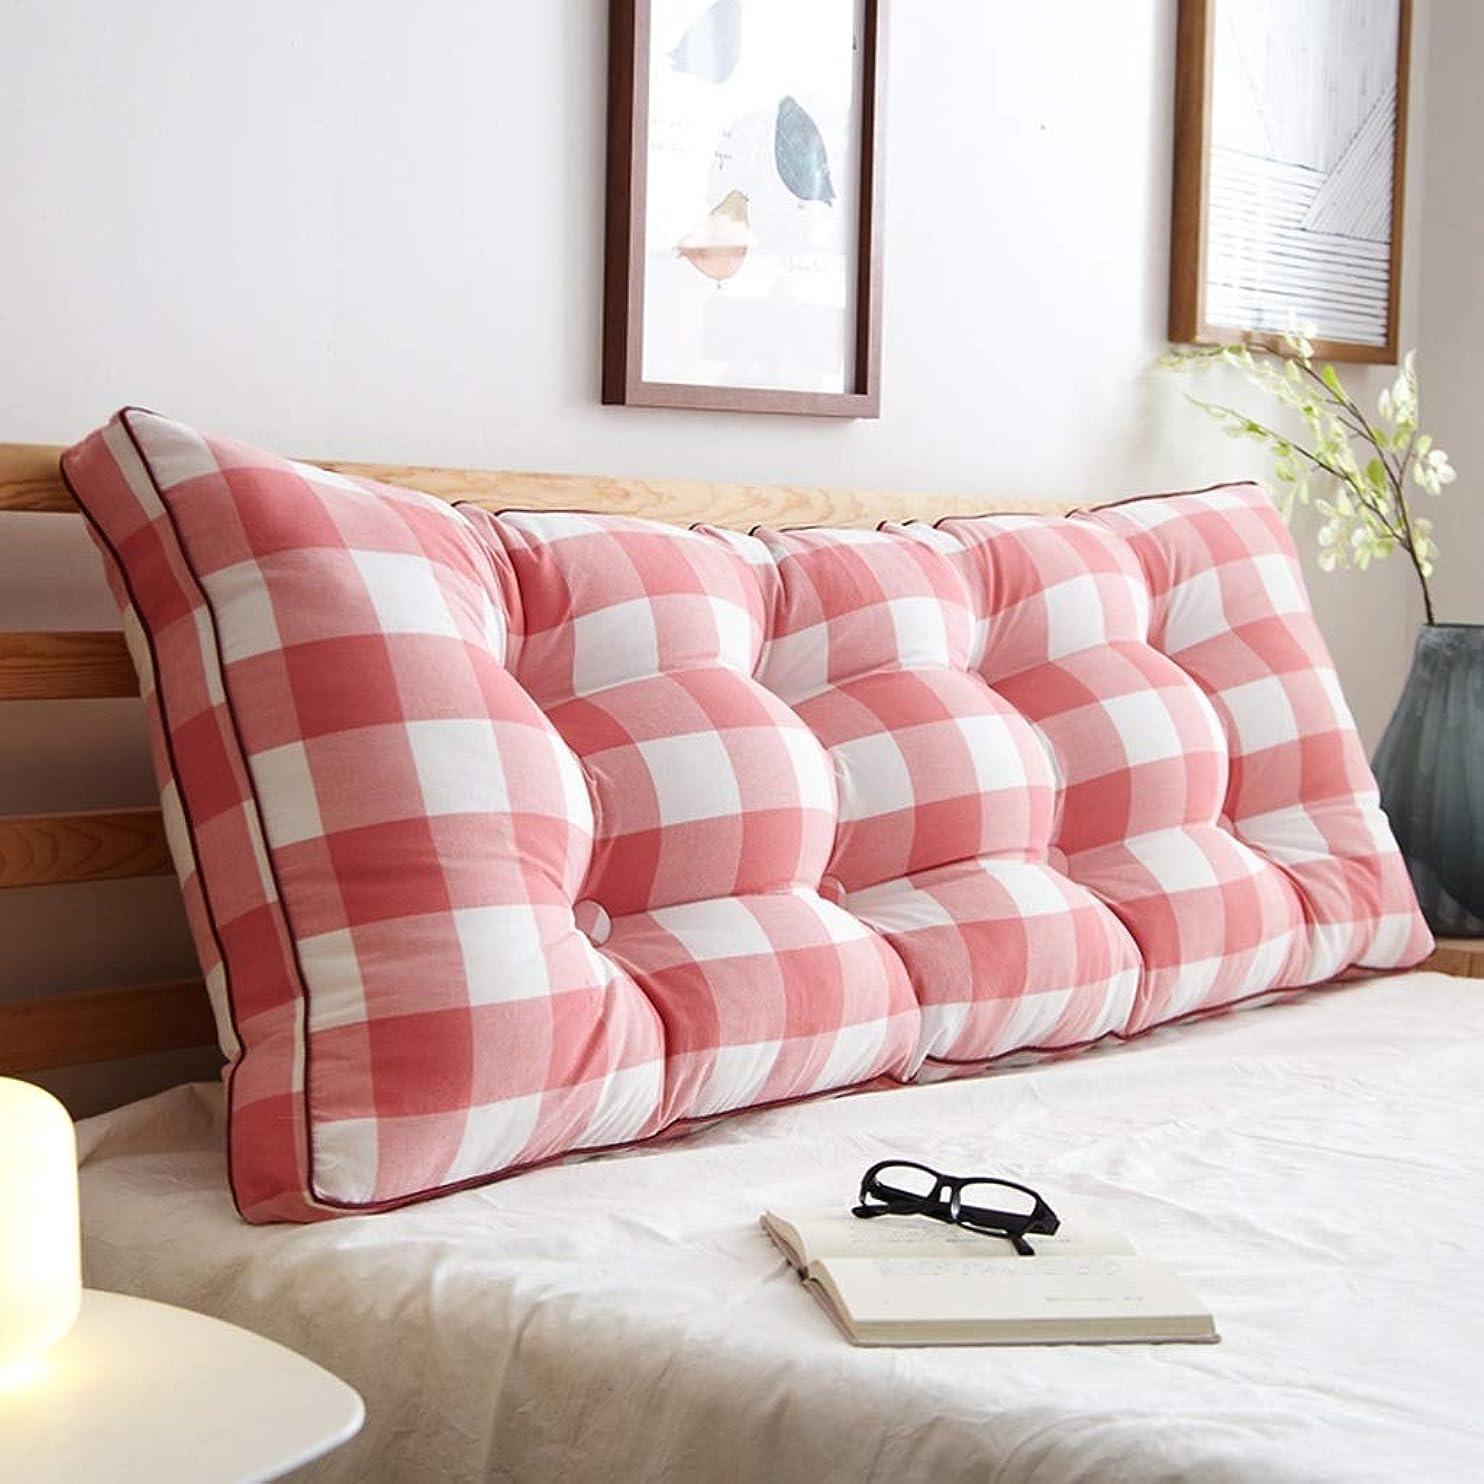 クロス重さライセンス寝室枕、ダブルロング枕ウエスト保護枕ベッドサイド大型背もたれオフィスホテル家庭用クラブ枕、長さ120-200センチ (Color : S, Size : 200*20*50CM)